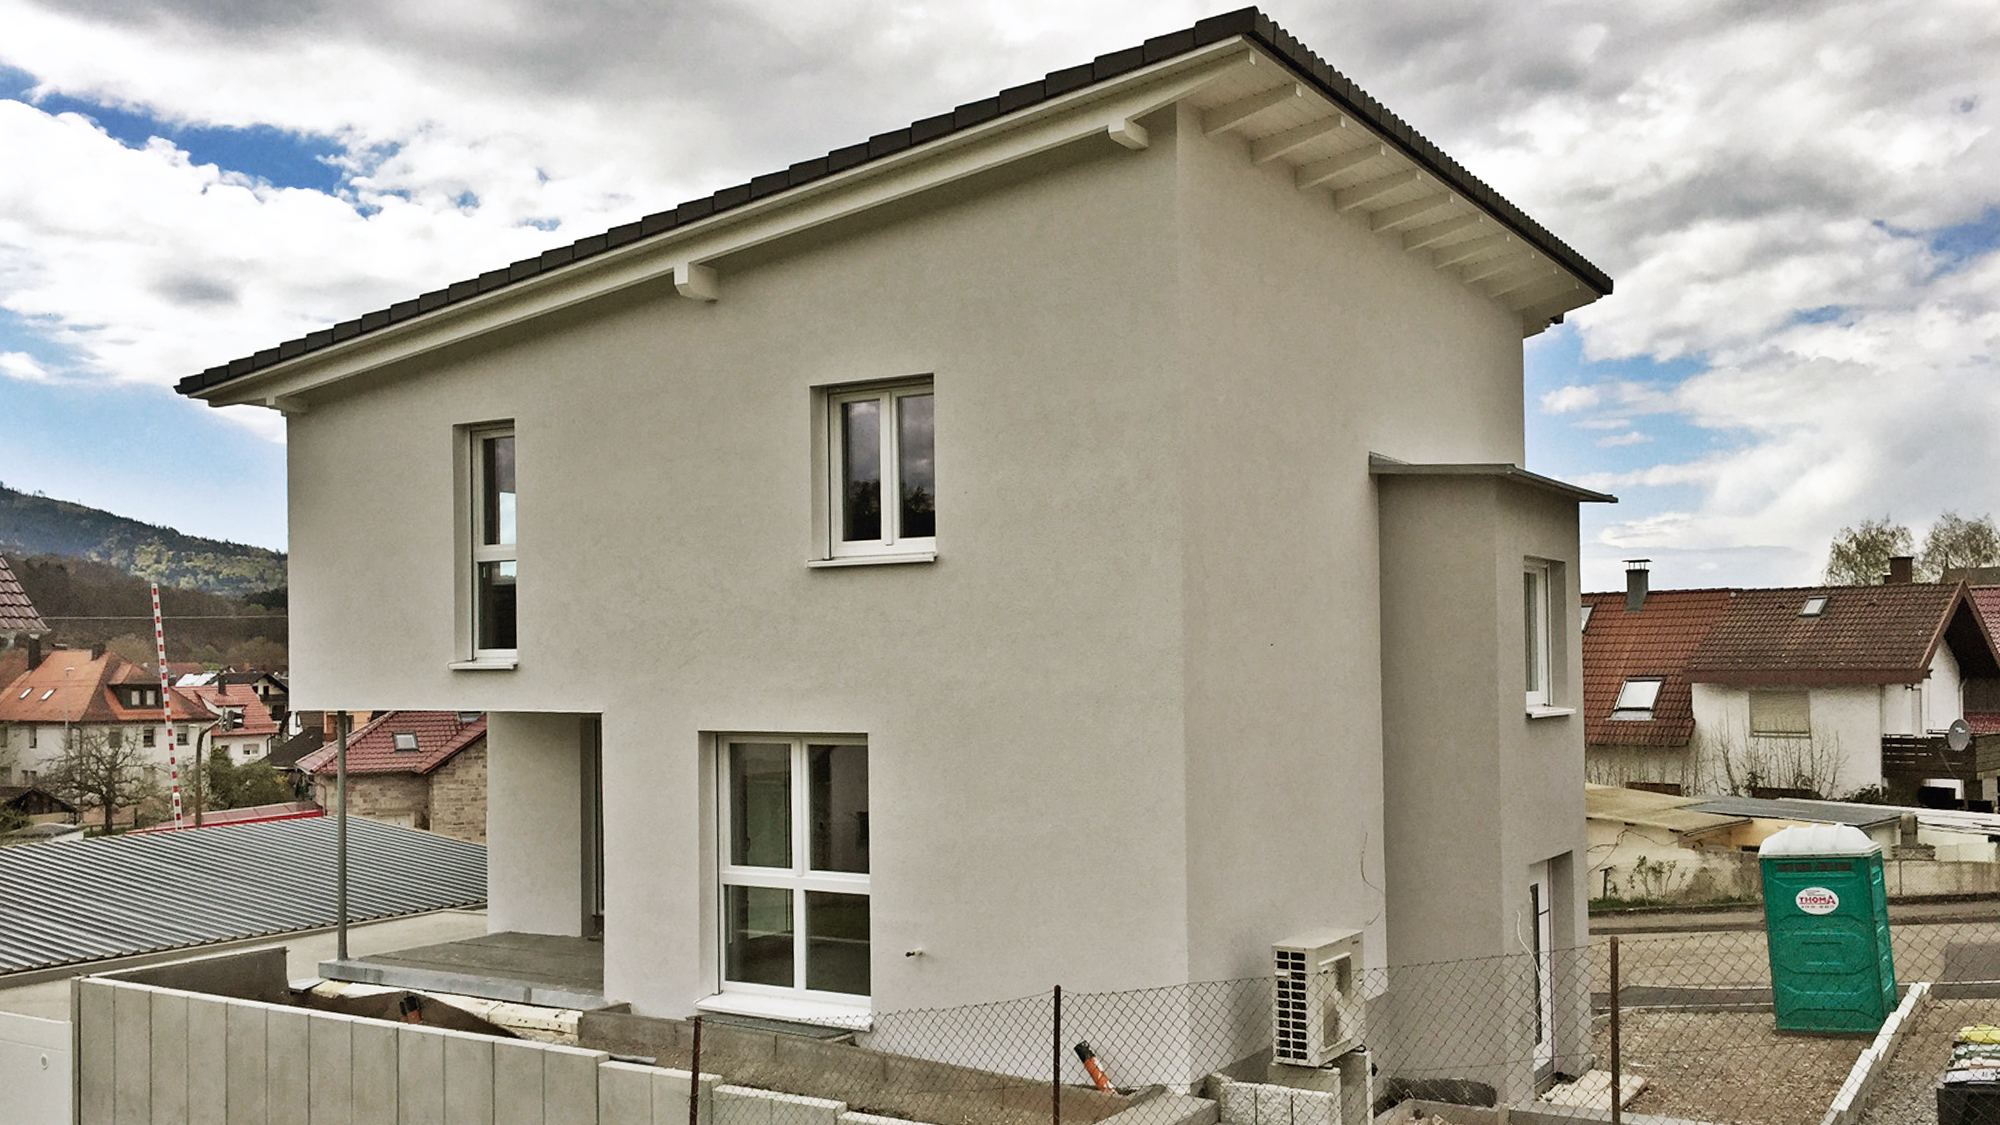 Bauprojekt Gaggenau / Ottenau - Westermann Bau GmbH Kuppenheim